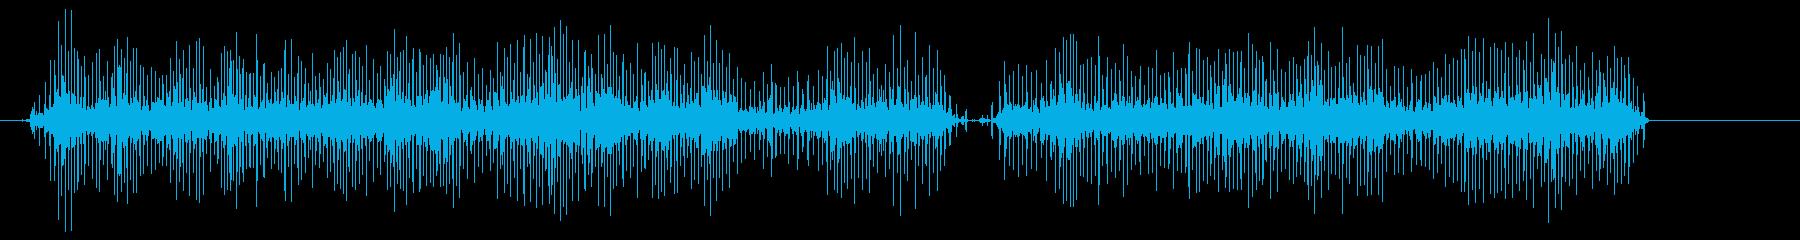 シネマカメラ-アンティグア-フィルム-の再生済みの波形